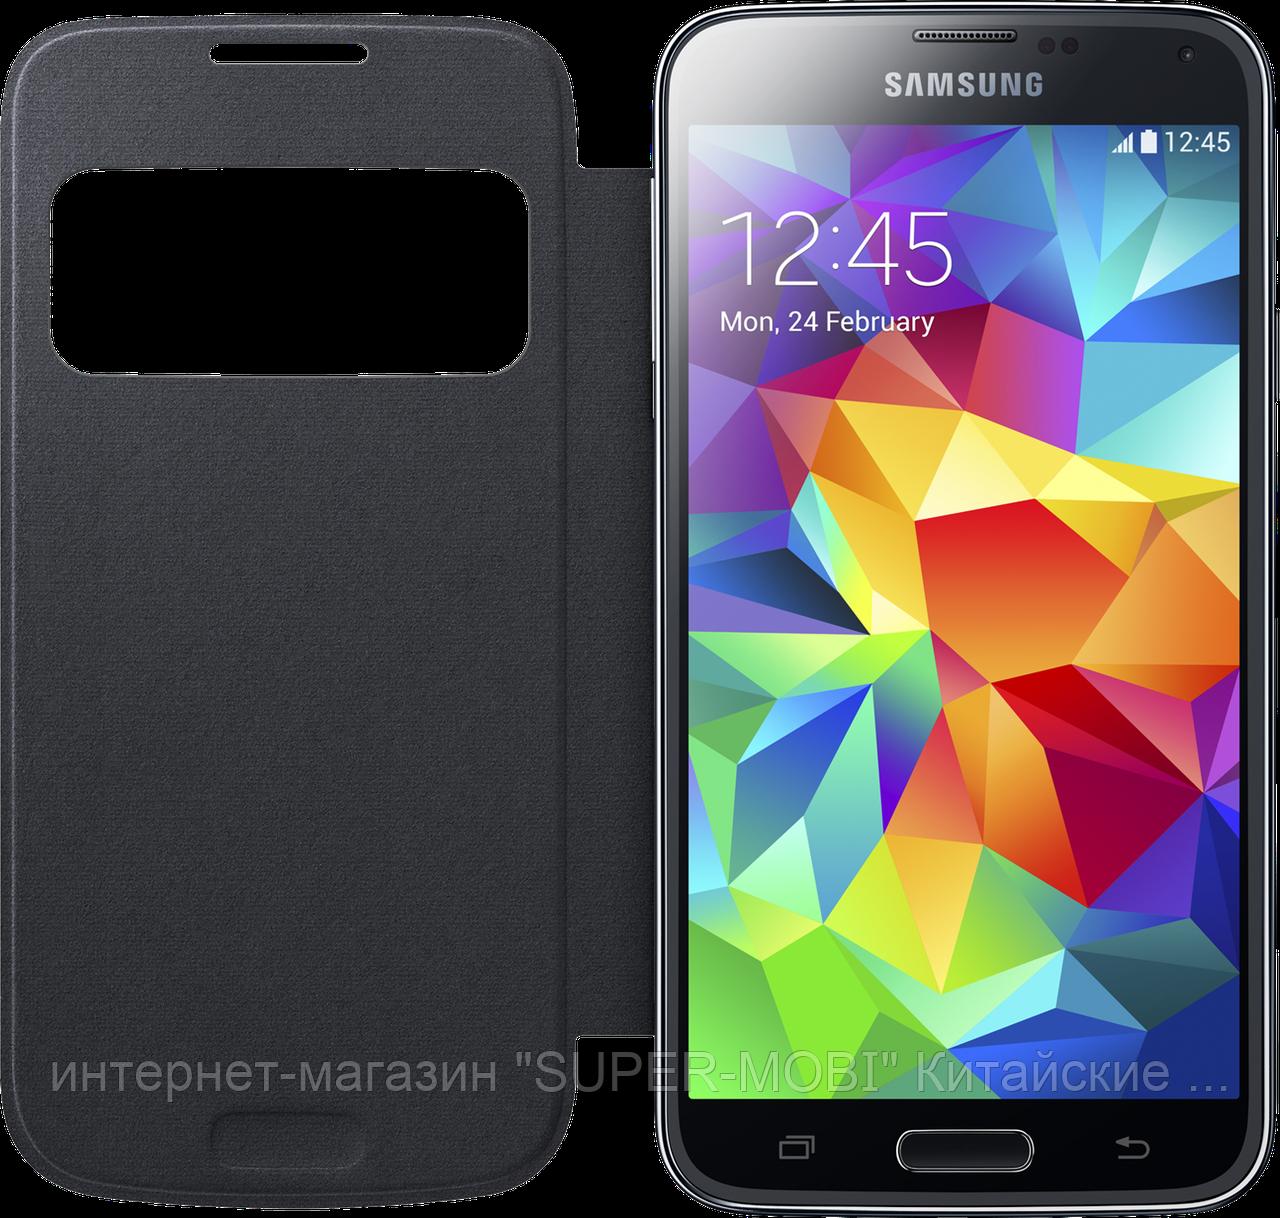 """Китайский телефон Samsung Galaxy S5, дисплей 4.7"""", Wi-Fi, ТВ, 2 SIM. Огромный дисплей! - интернет-магазин """"SUPER-MOBI"""" Китайские телефоны 100% копии iPhone Samsung Nokia в Киеве"""